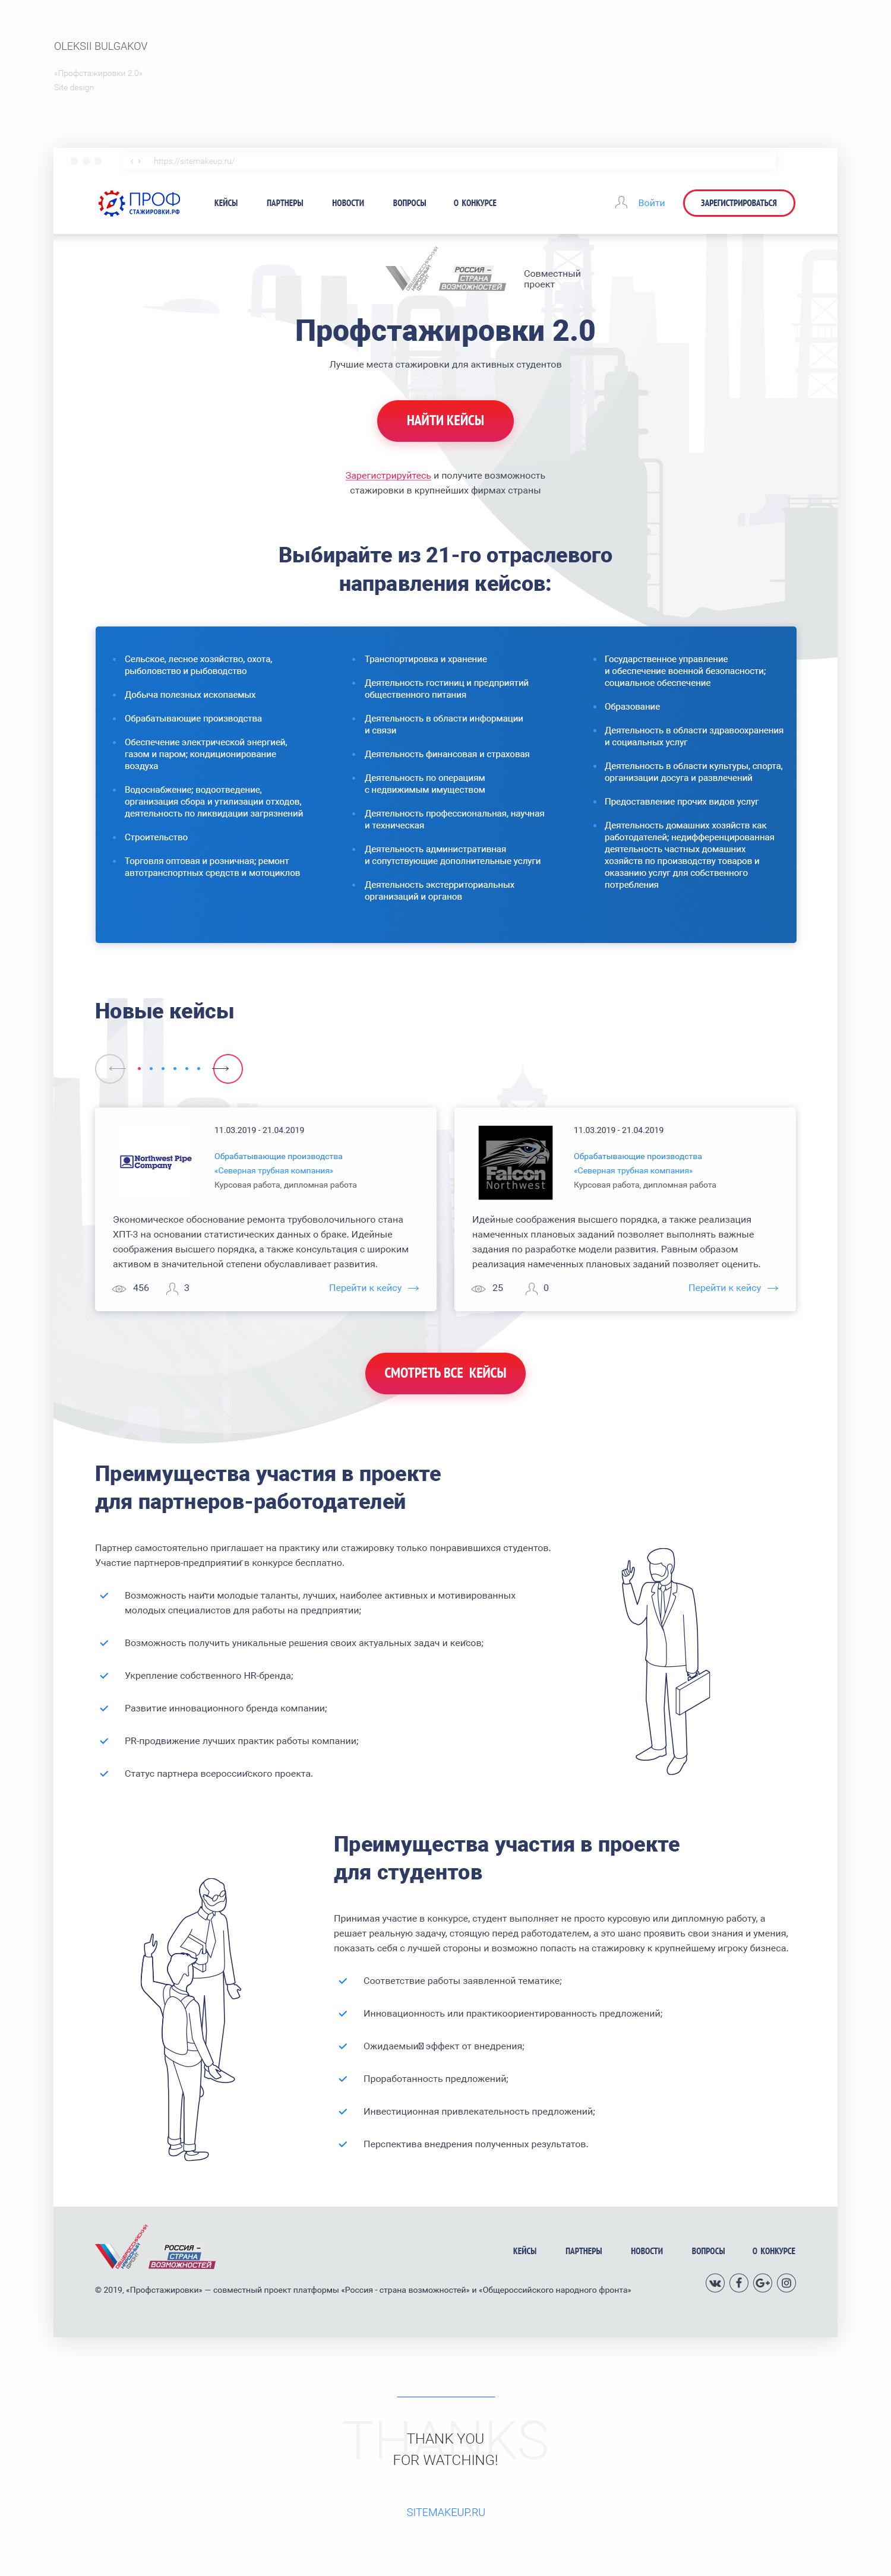 Адаптивный дизайн сайта «Профстажировки 2.0»